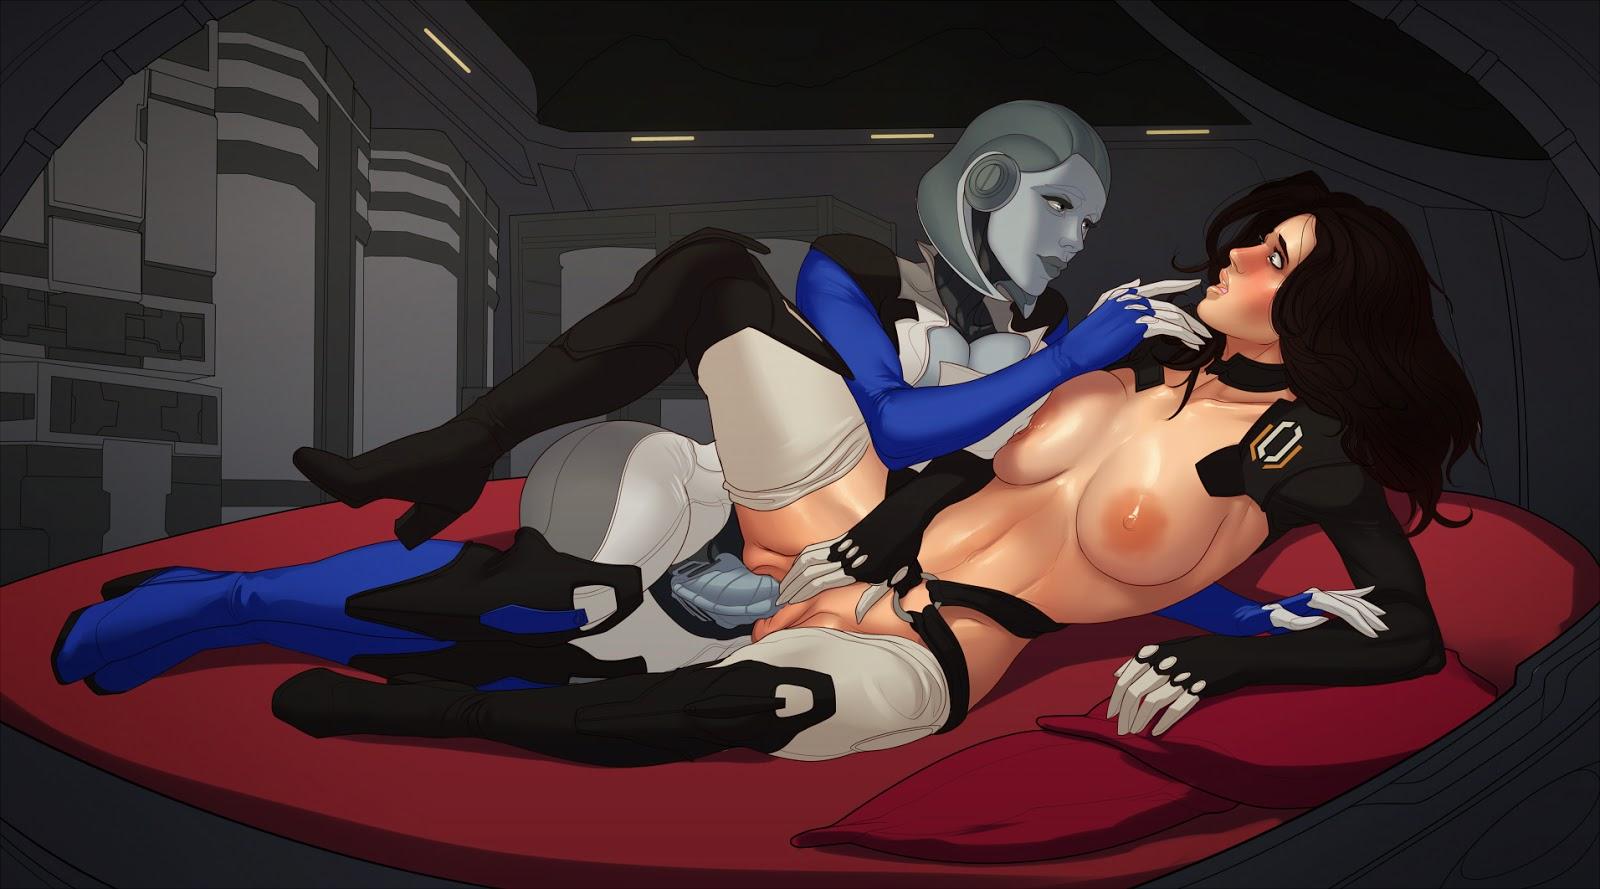 Mass effect women hentai gallery sexy scene